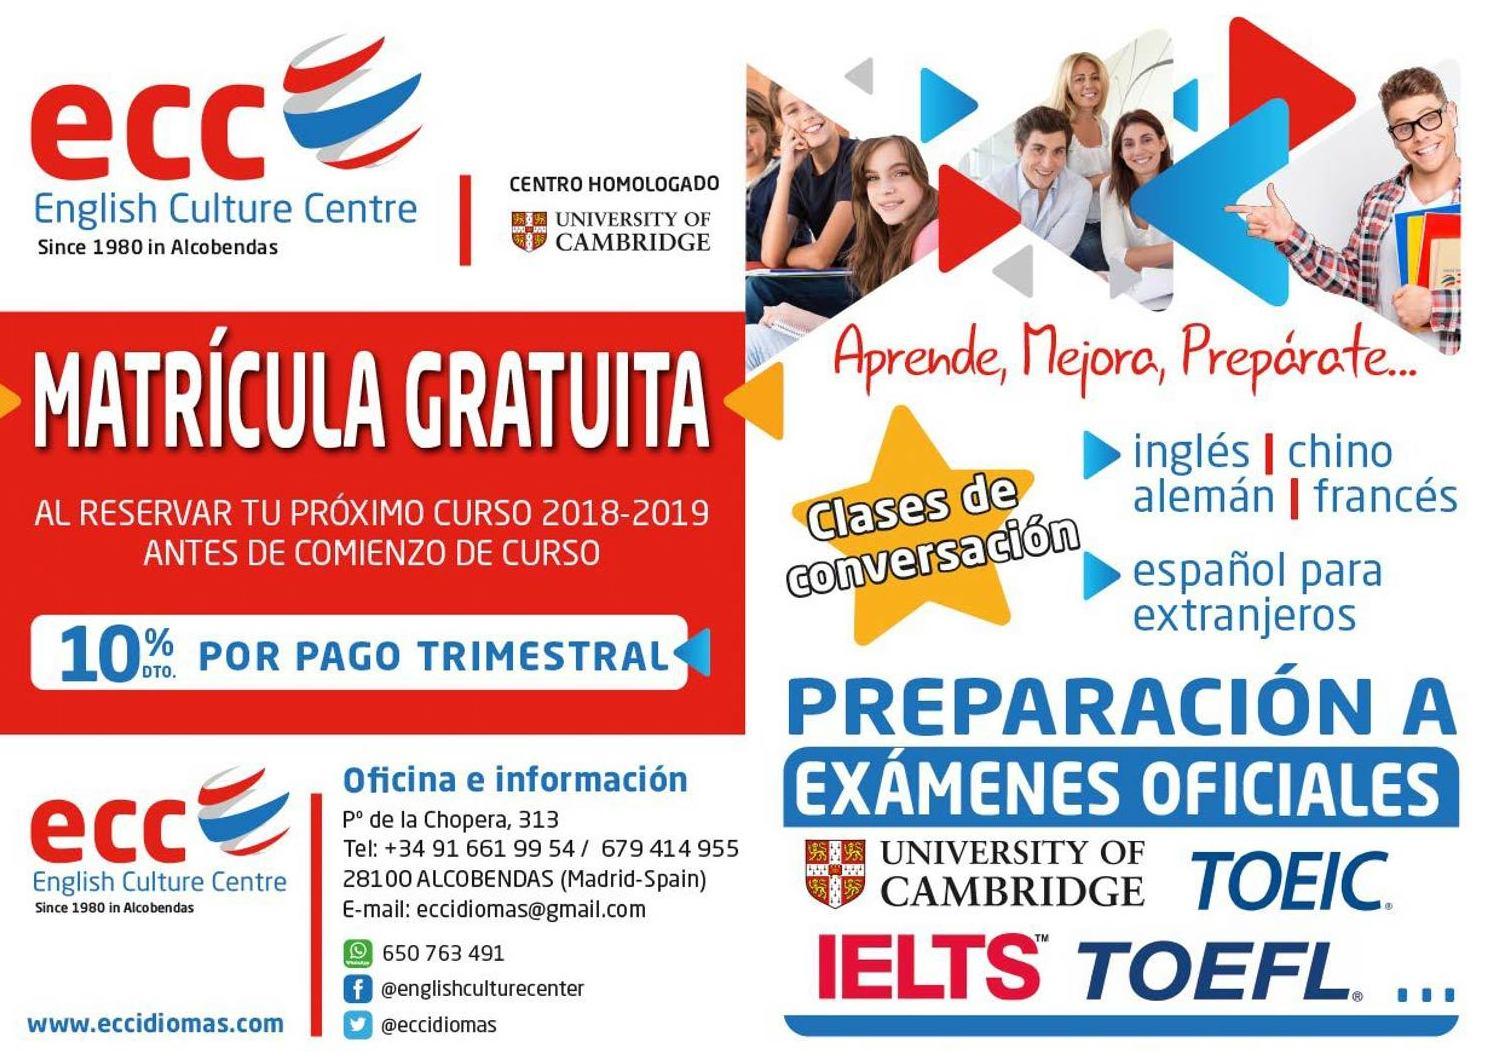 Próximo Curso de Inglés en Alcobendas